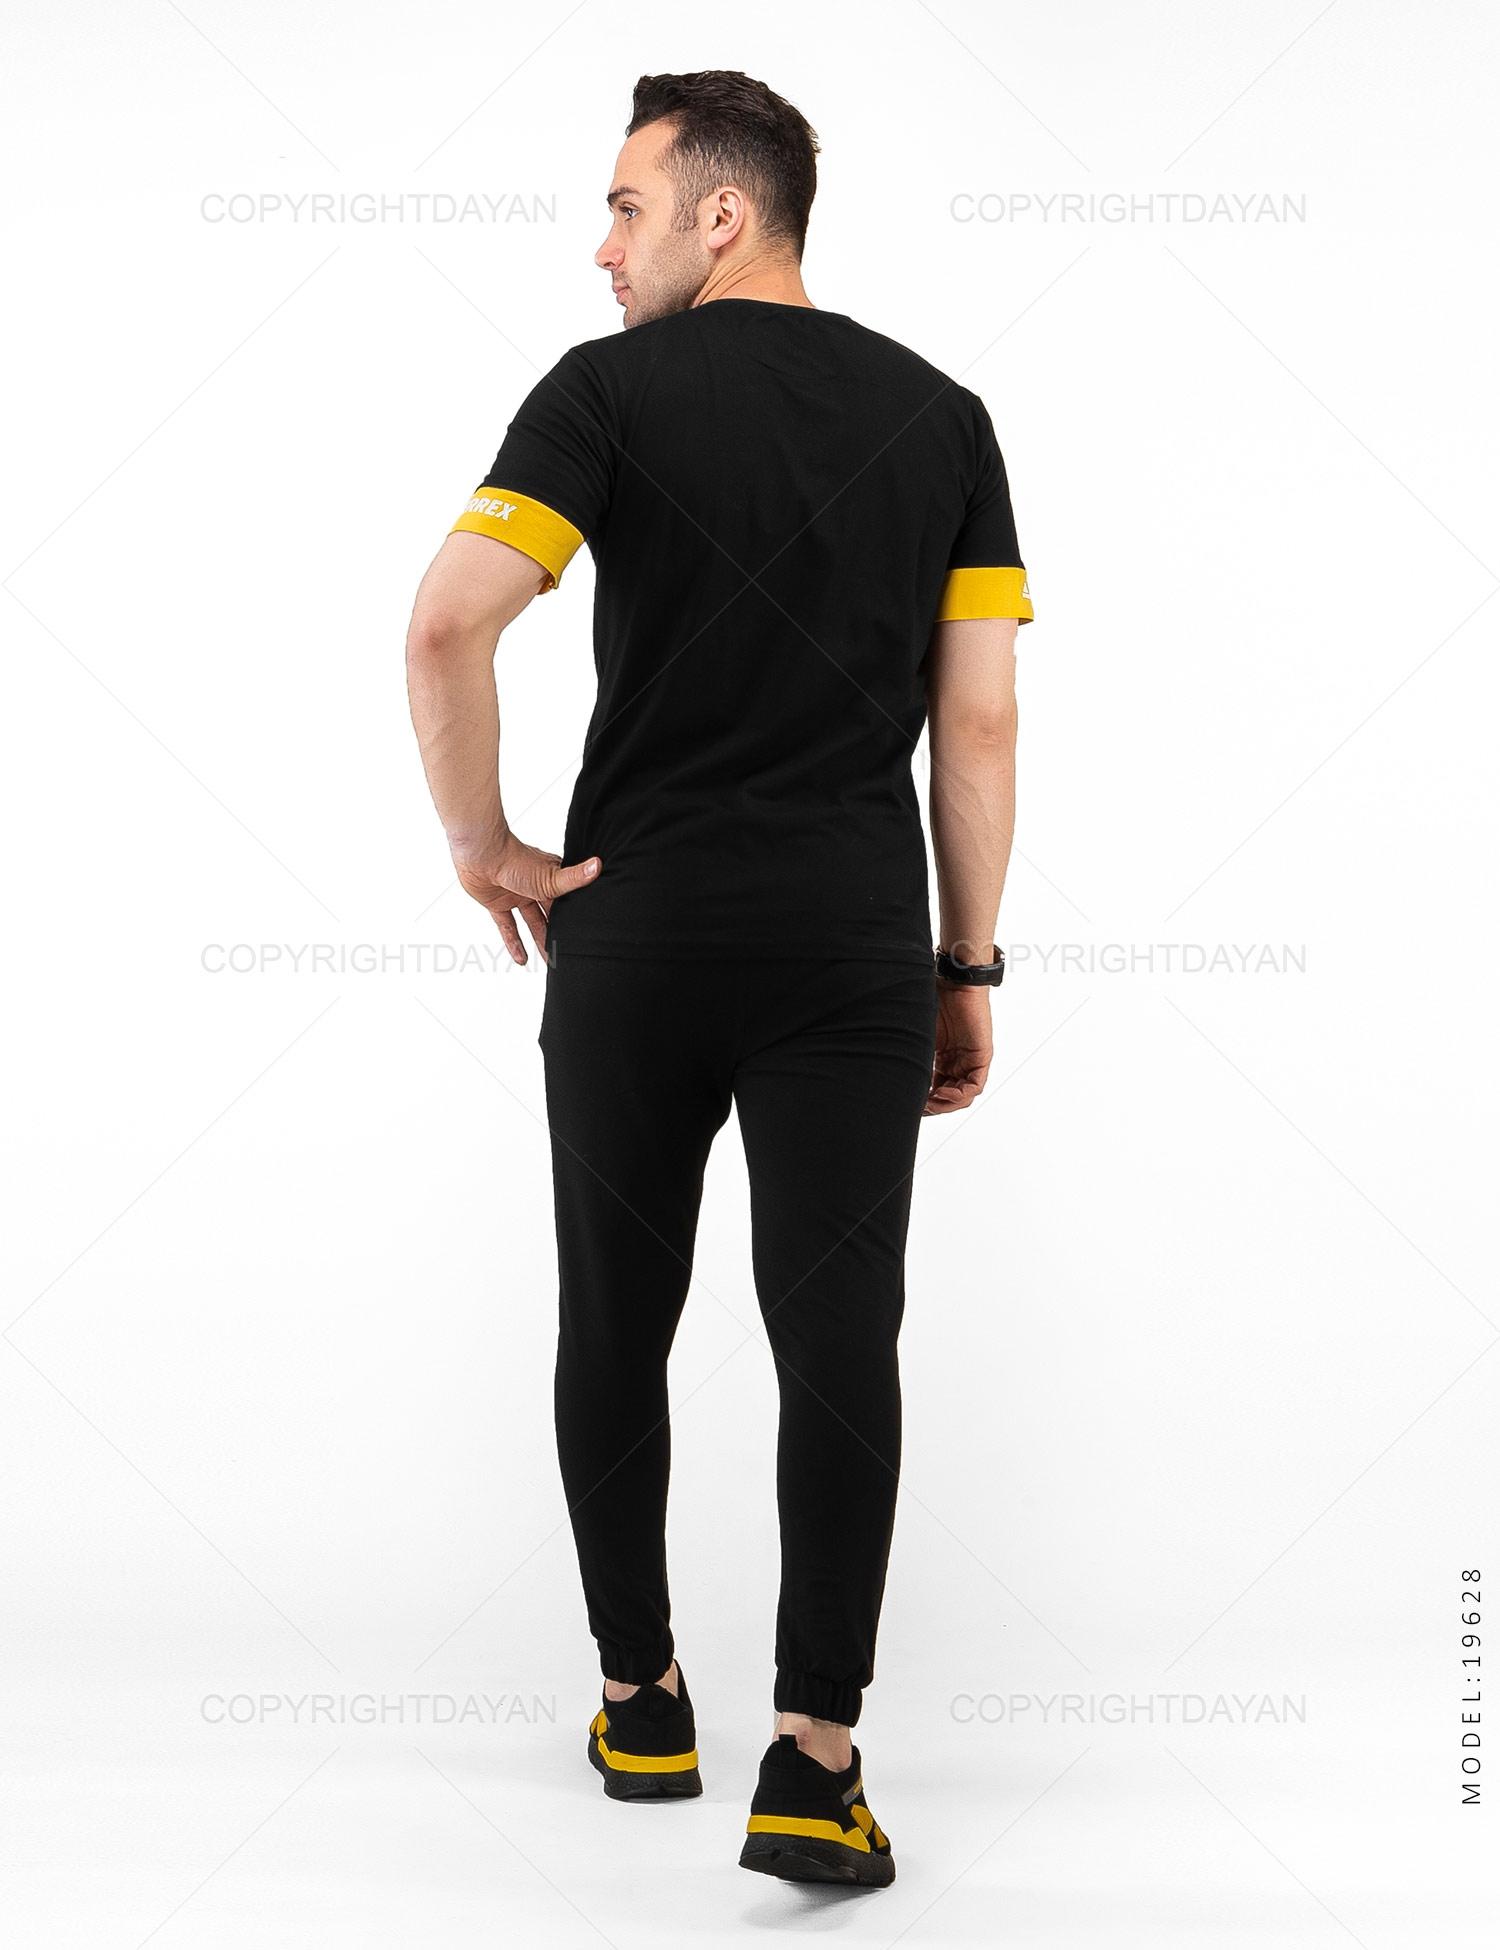 ست تیشرت و شلوار مردانه Adidas مدل 19628